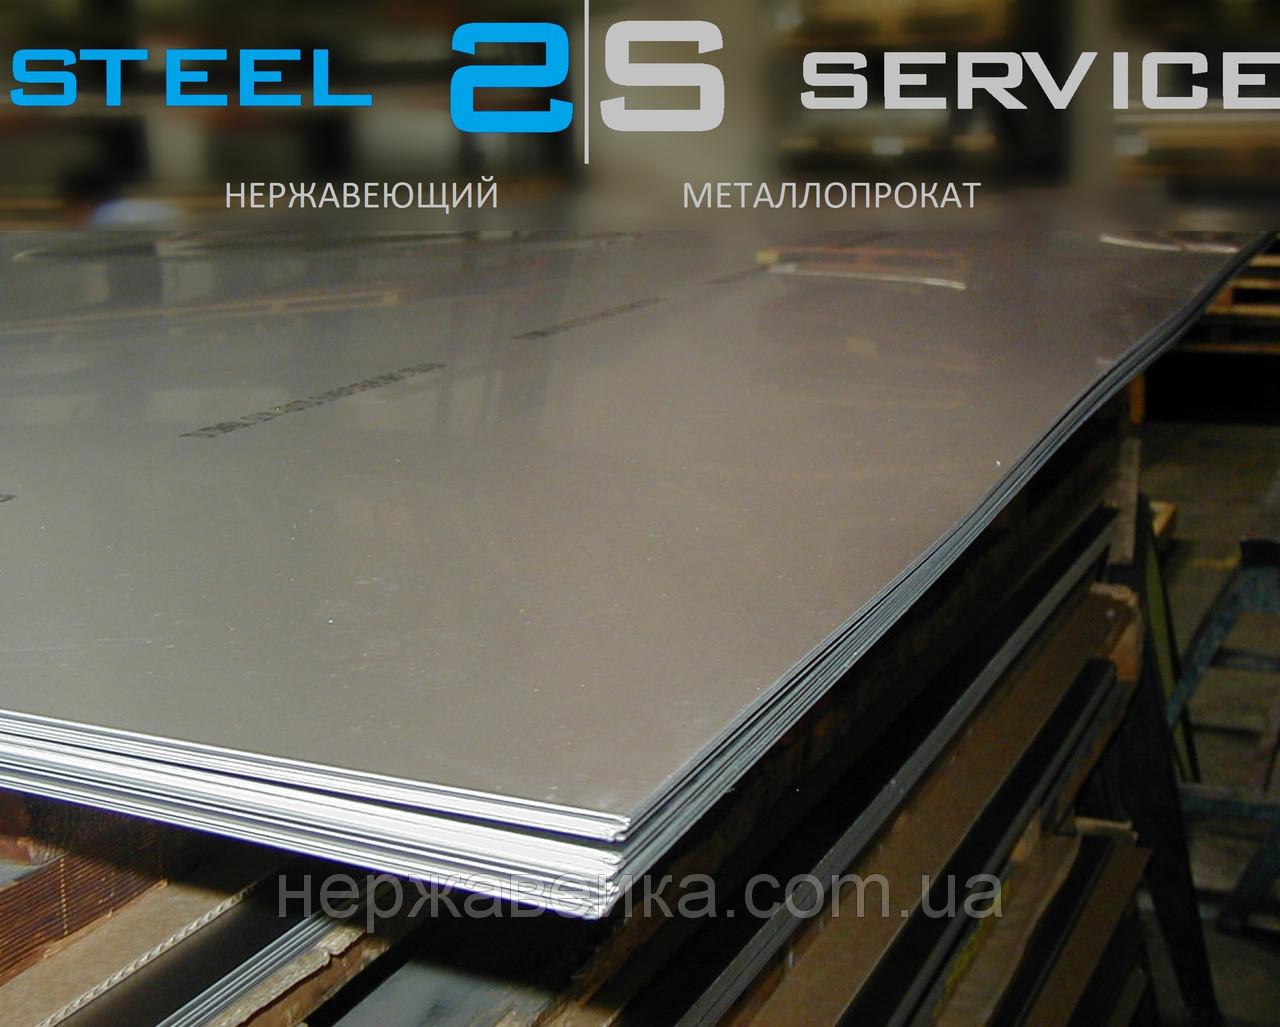 Нержавейка лист 2х1500х3000мм  AISI 321(08Х18Н10Т) BA - зеркало,  пищевой